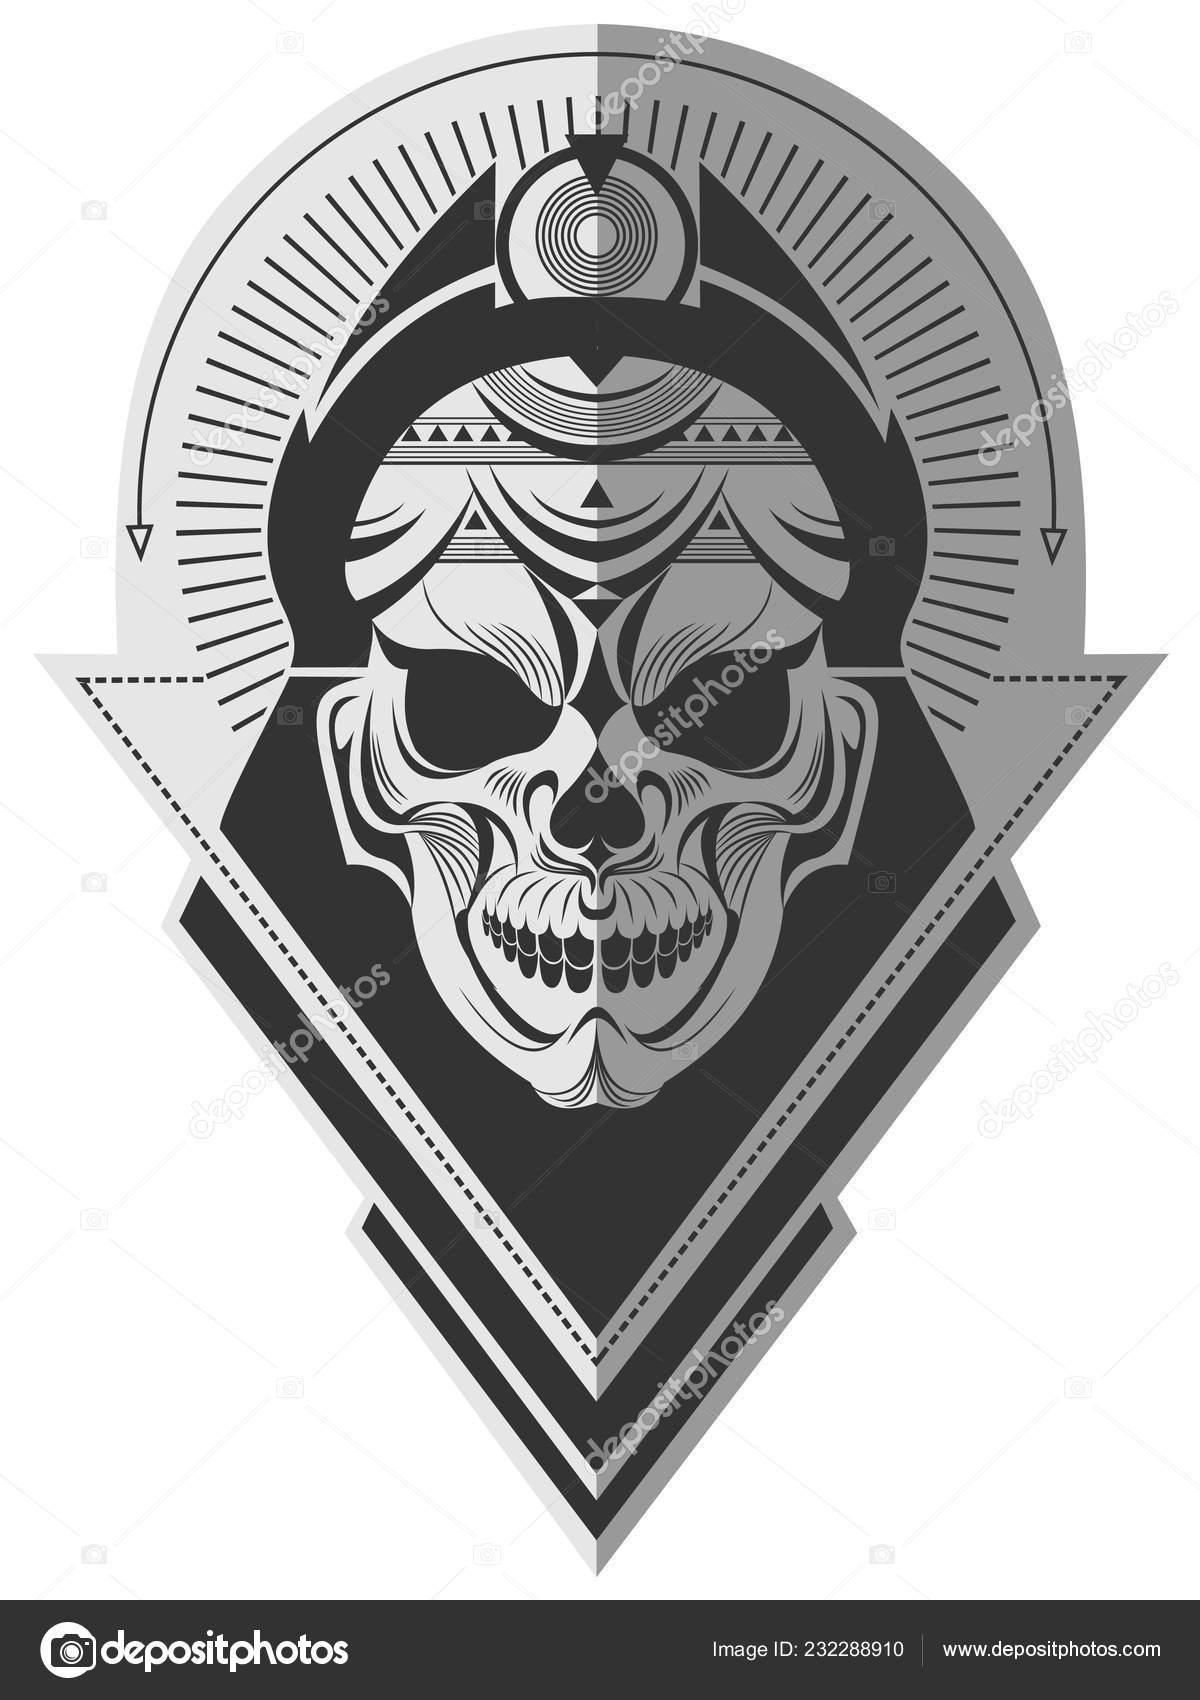 decorative black white alien skull flat paper memorable art sticker